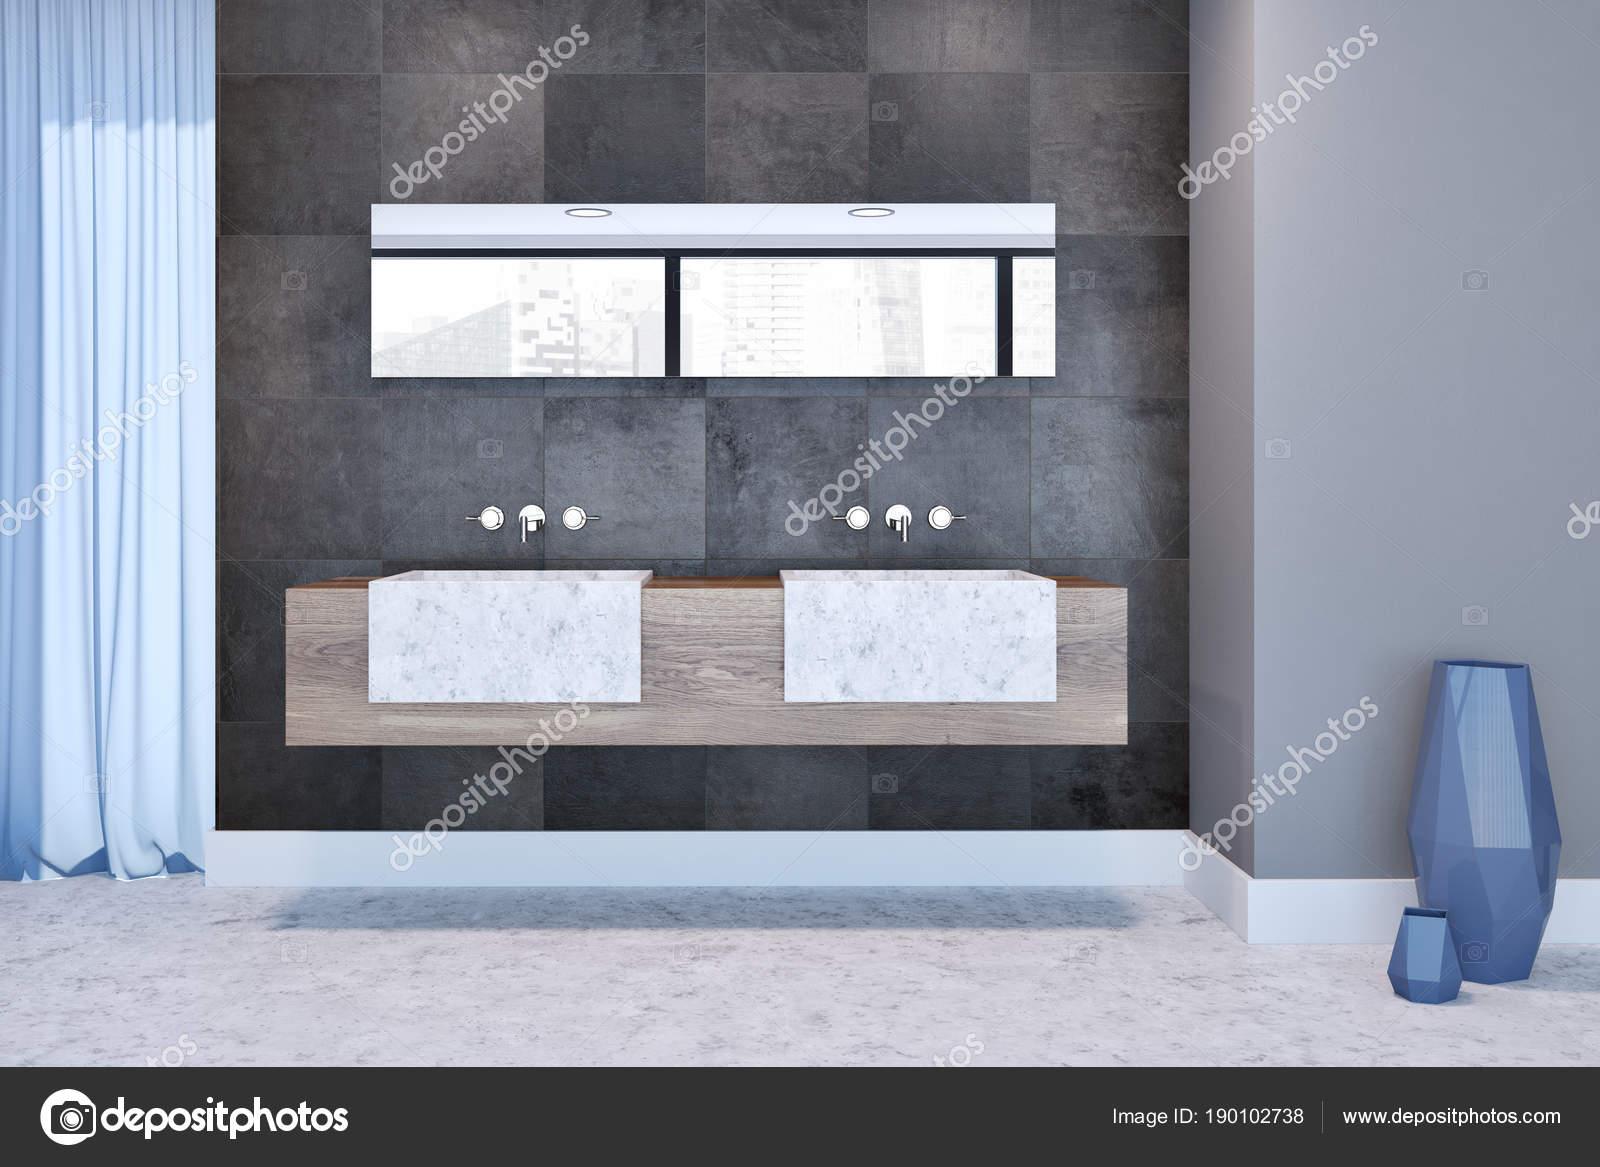 Grigio piastrelle bagno interni doppio lavabo u2014 foto stock